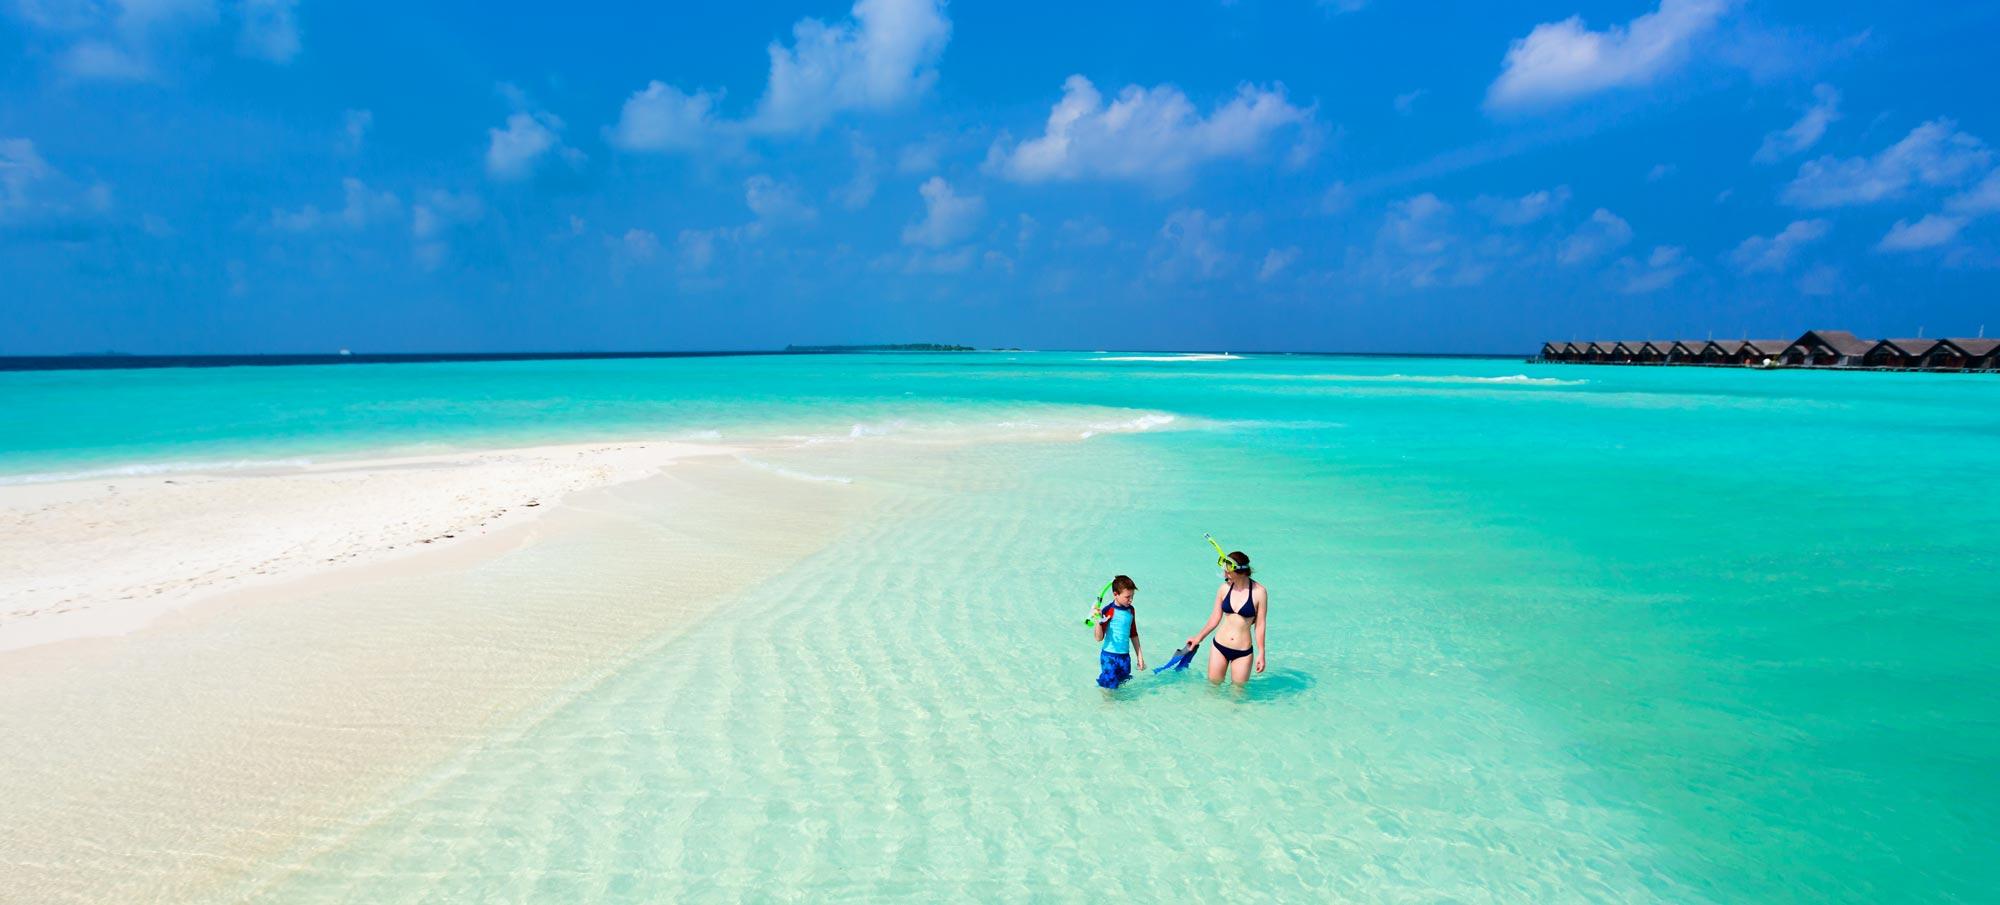 Océanie femme enfant dans l'eau et ciel bleu voyages privés-sur mesure